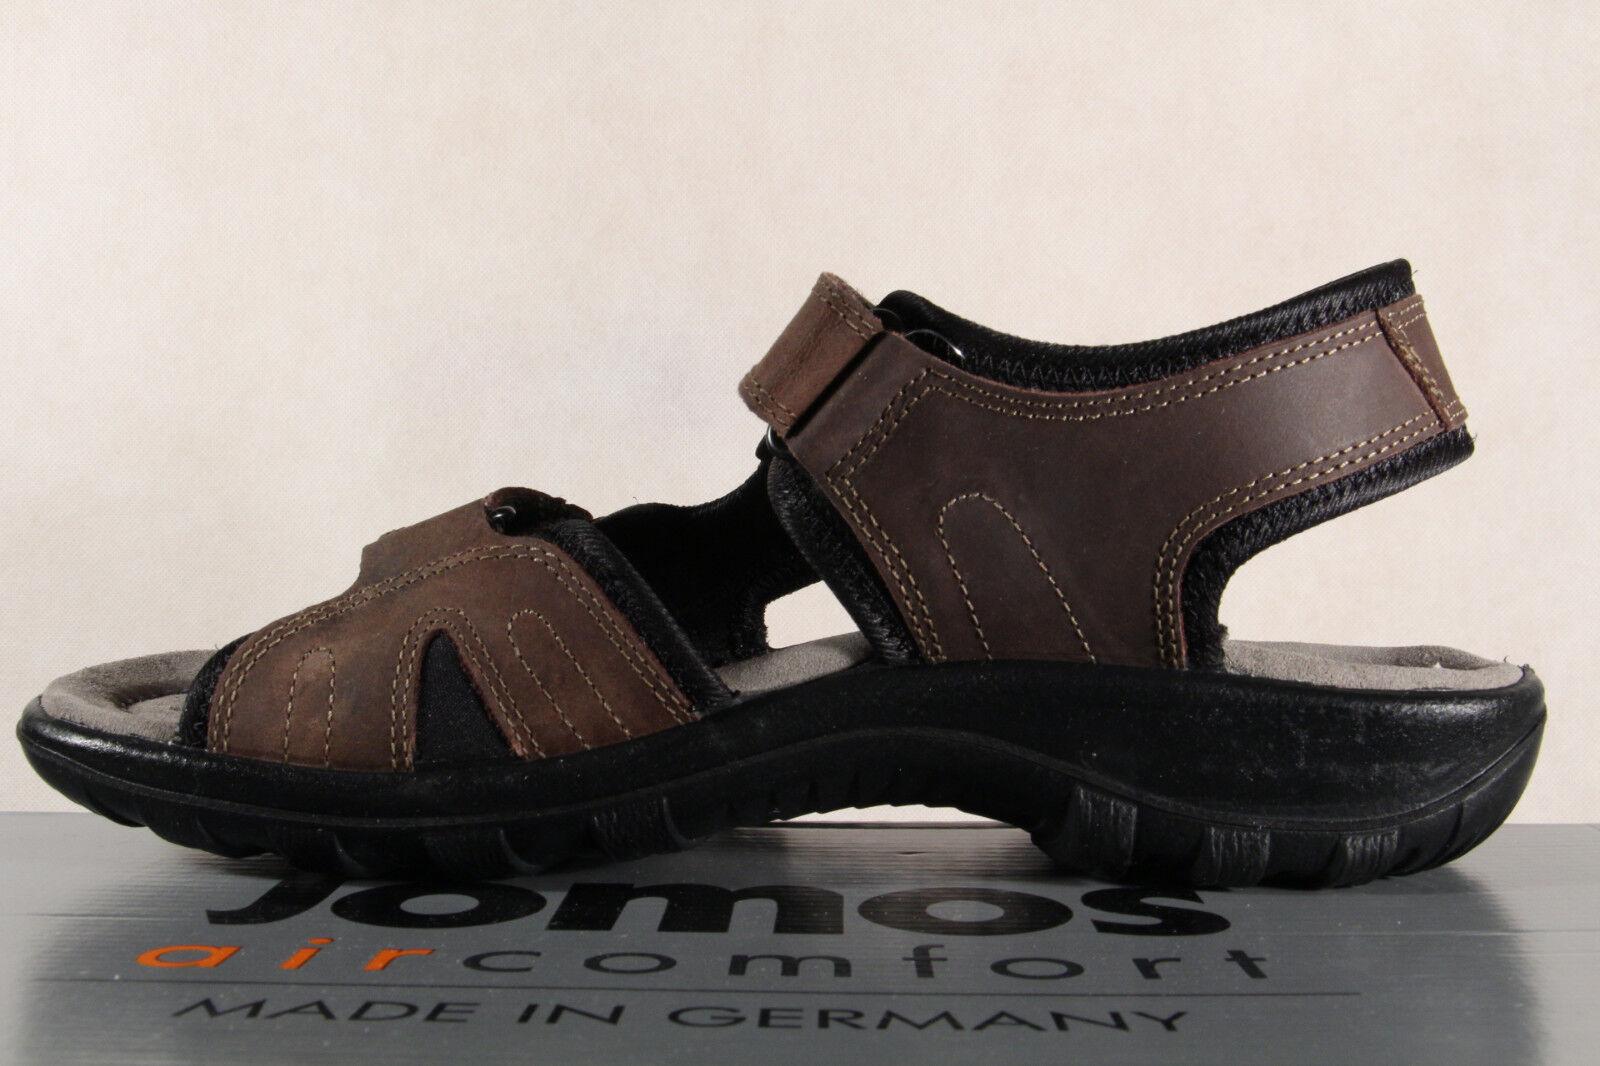 Jomos Herren Sandale Sandalen Sandalette Sandaletten Leder braun 504606  NEU